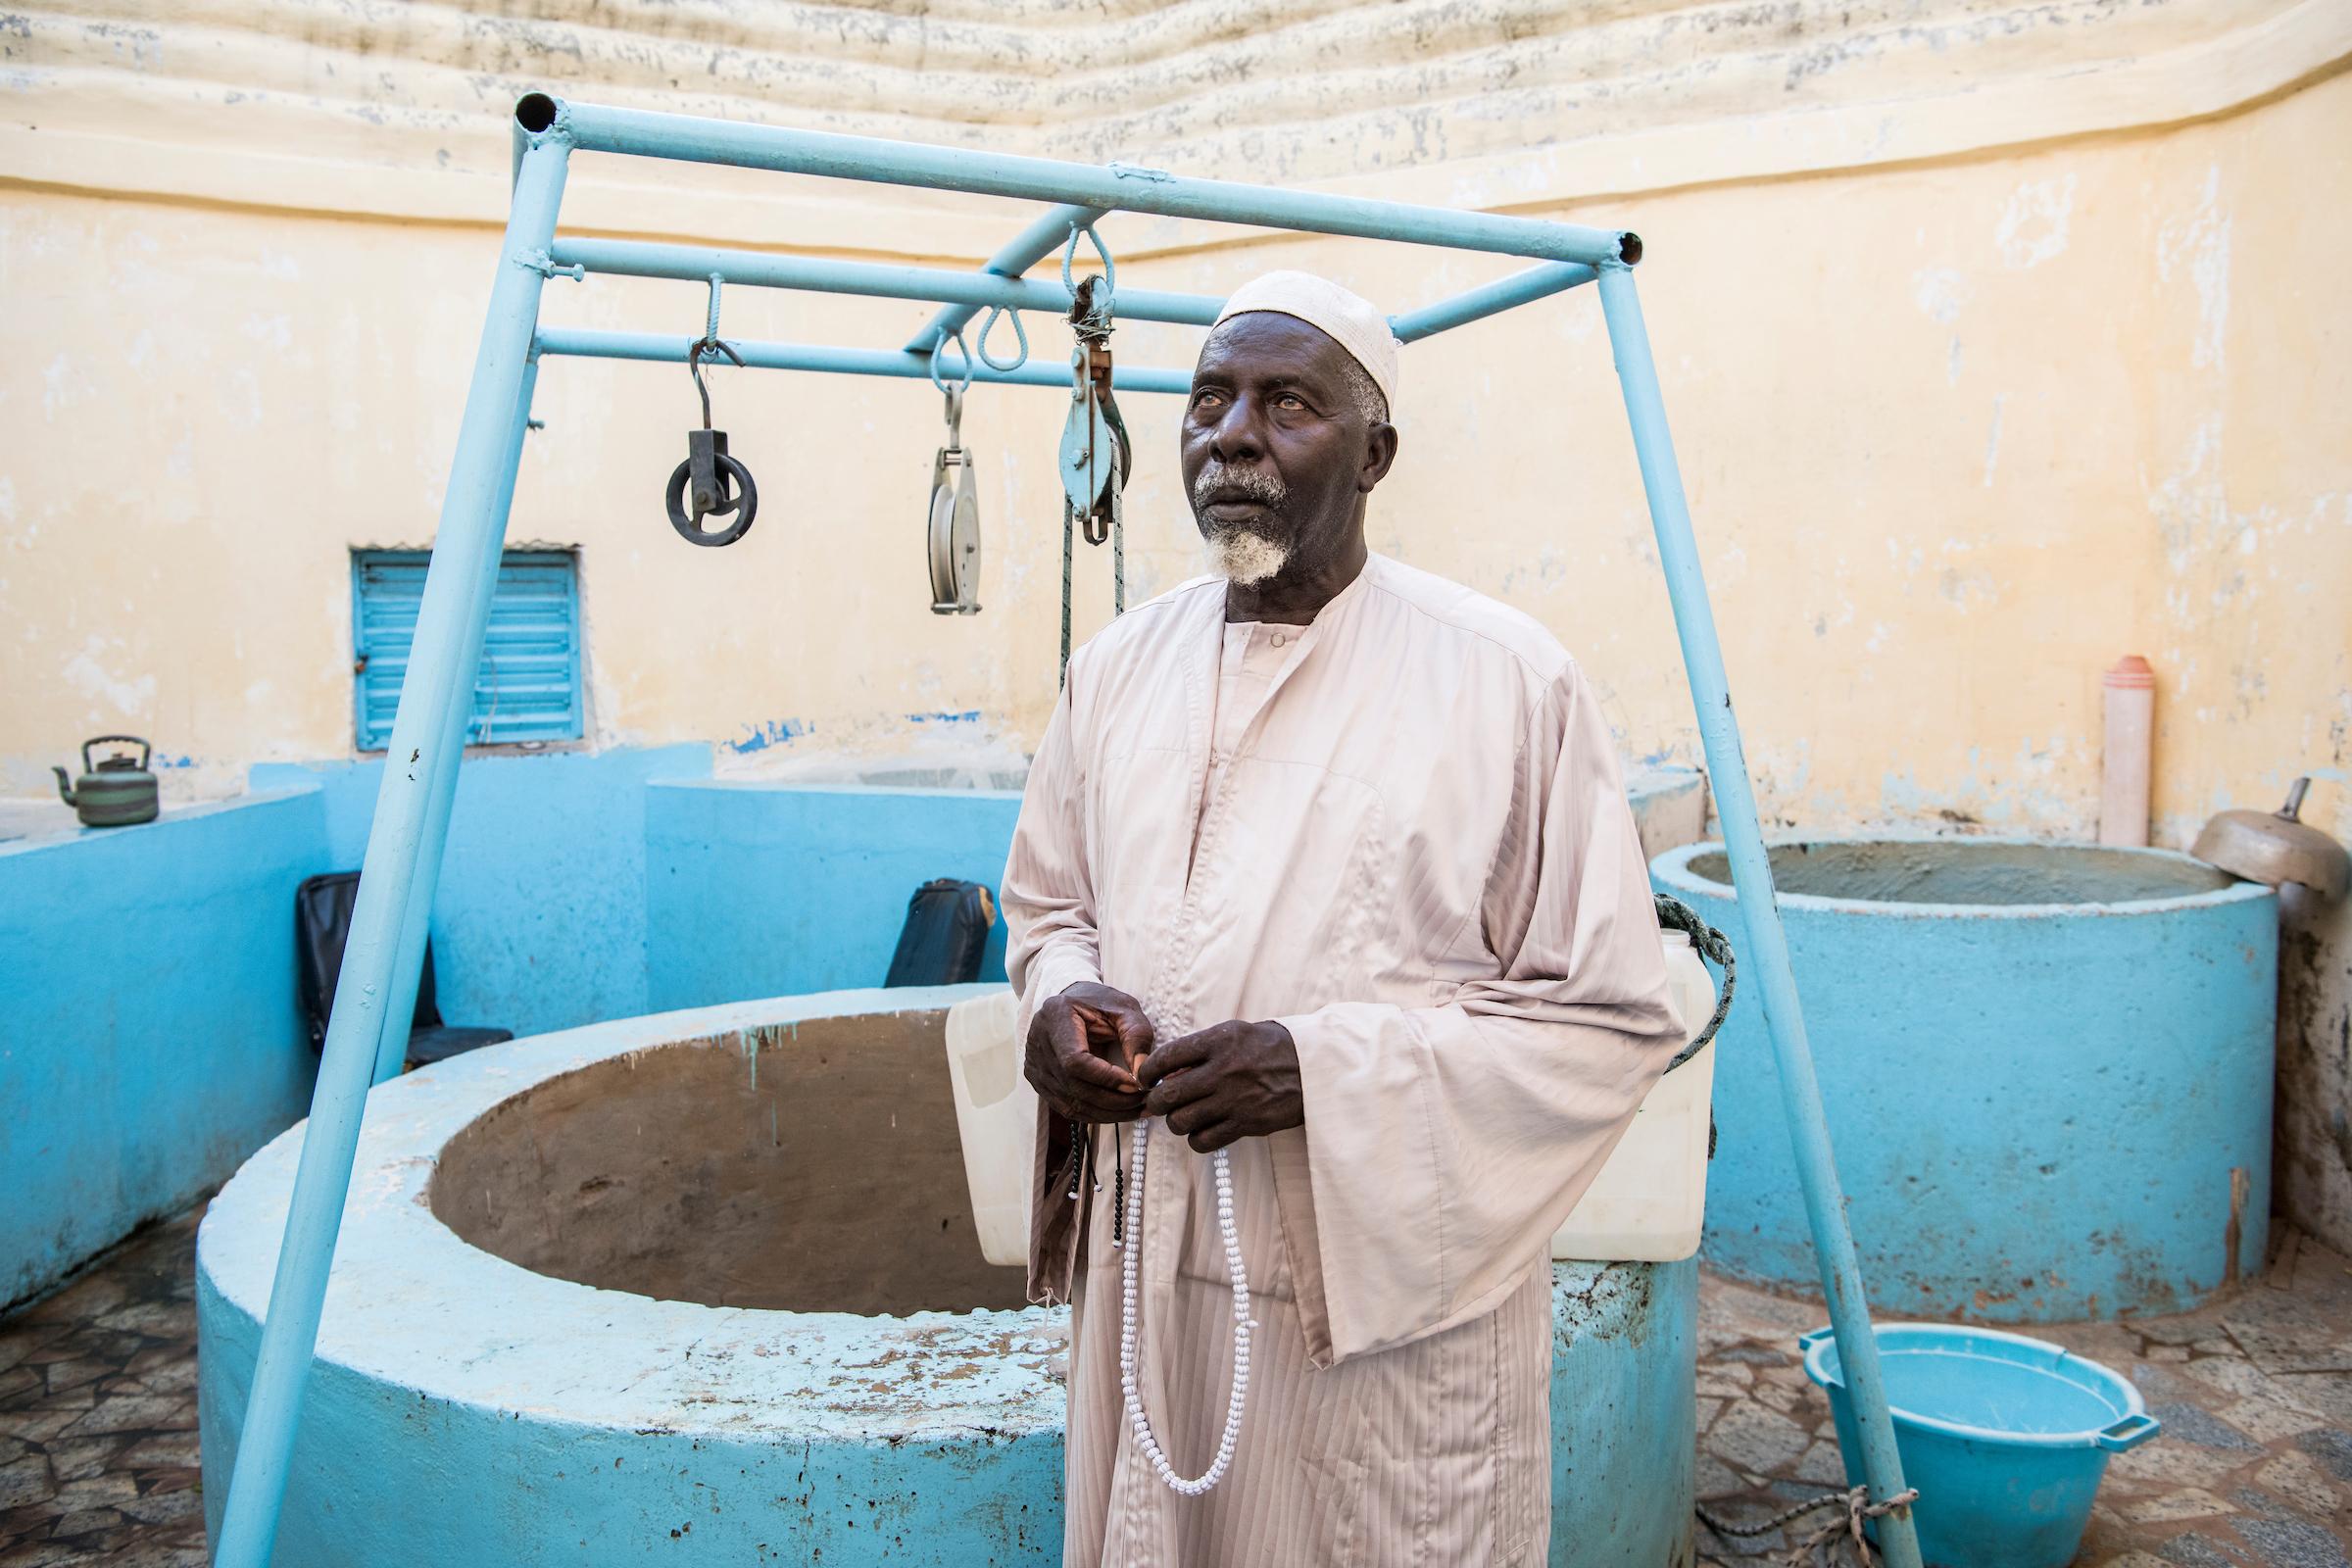 6. November 2017. Serigne Touba Khouma ist der Verwalter des Brunnens am Grab von Sokhna Mame Diarra Bousso, der Mutter von Amadou Bamba, die einen ähnlichen Status wie Maria für Christen hat. Wie in Lourdes erhoffen sich die Gläubigen Heilung, Kraft und Segen vom Weihwasser dieses Brunnens.